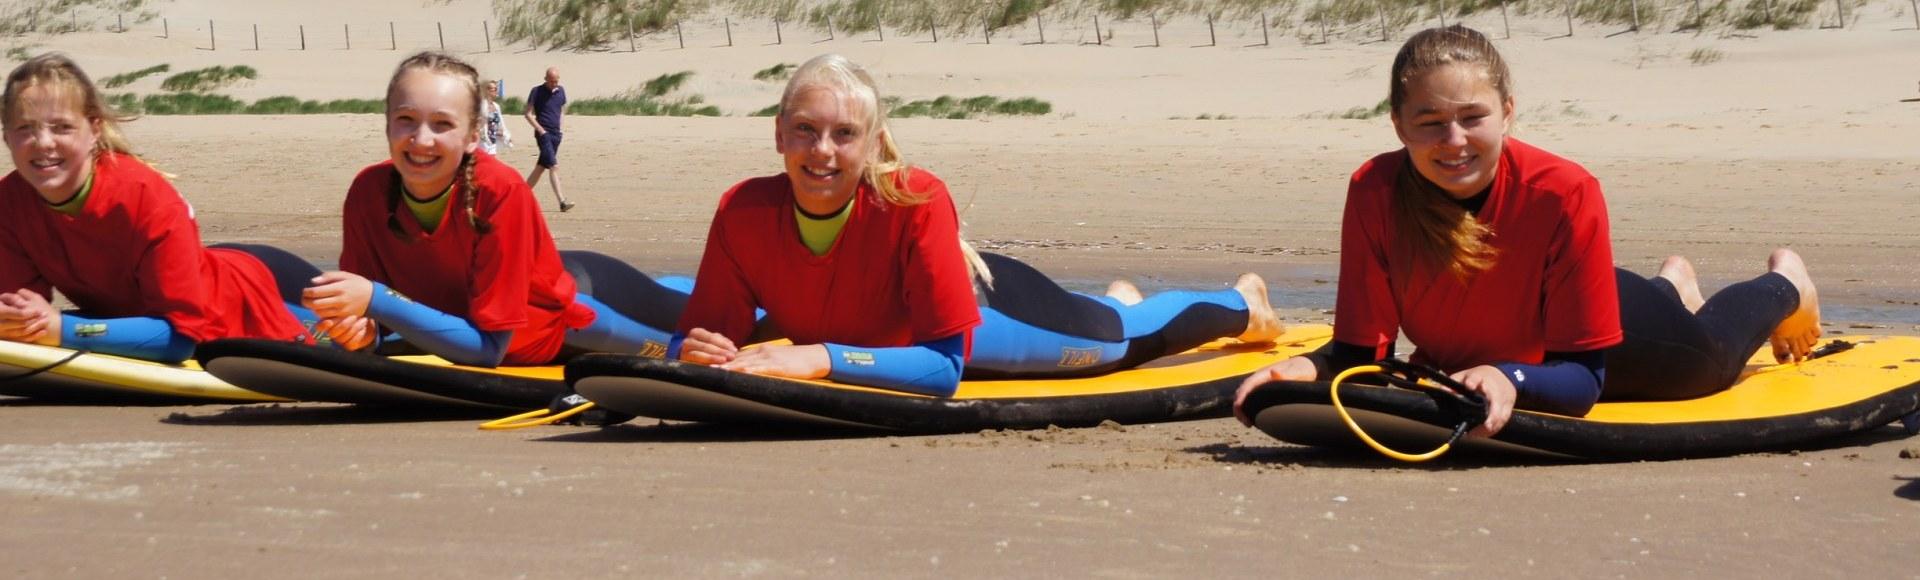 Surf Lessen